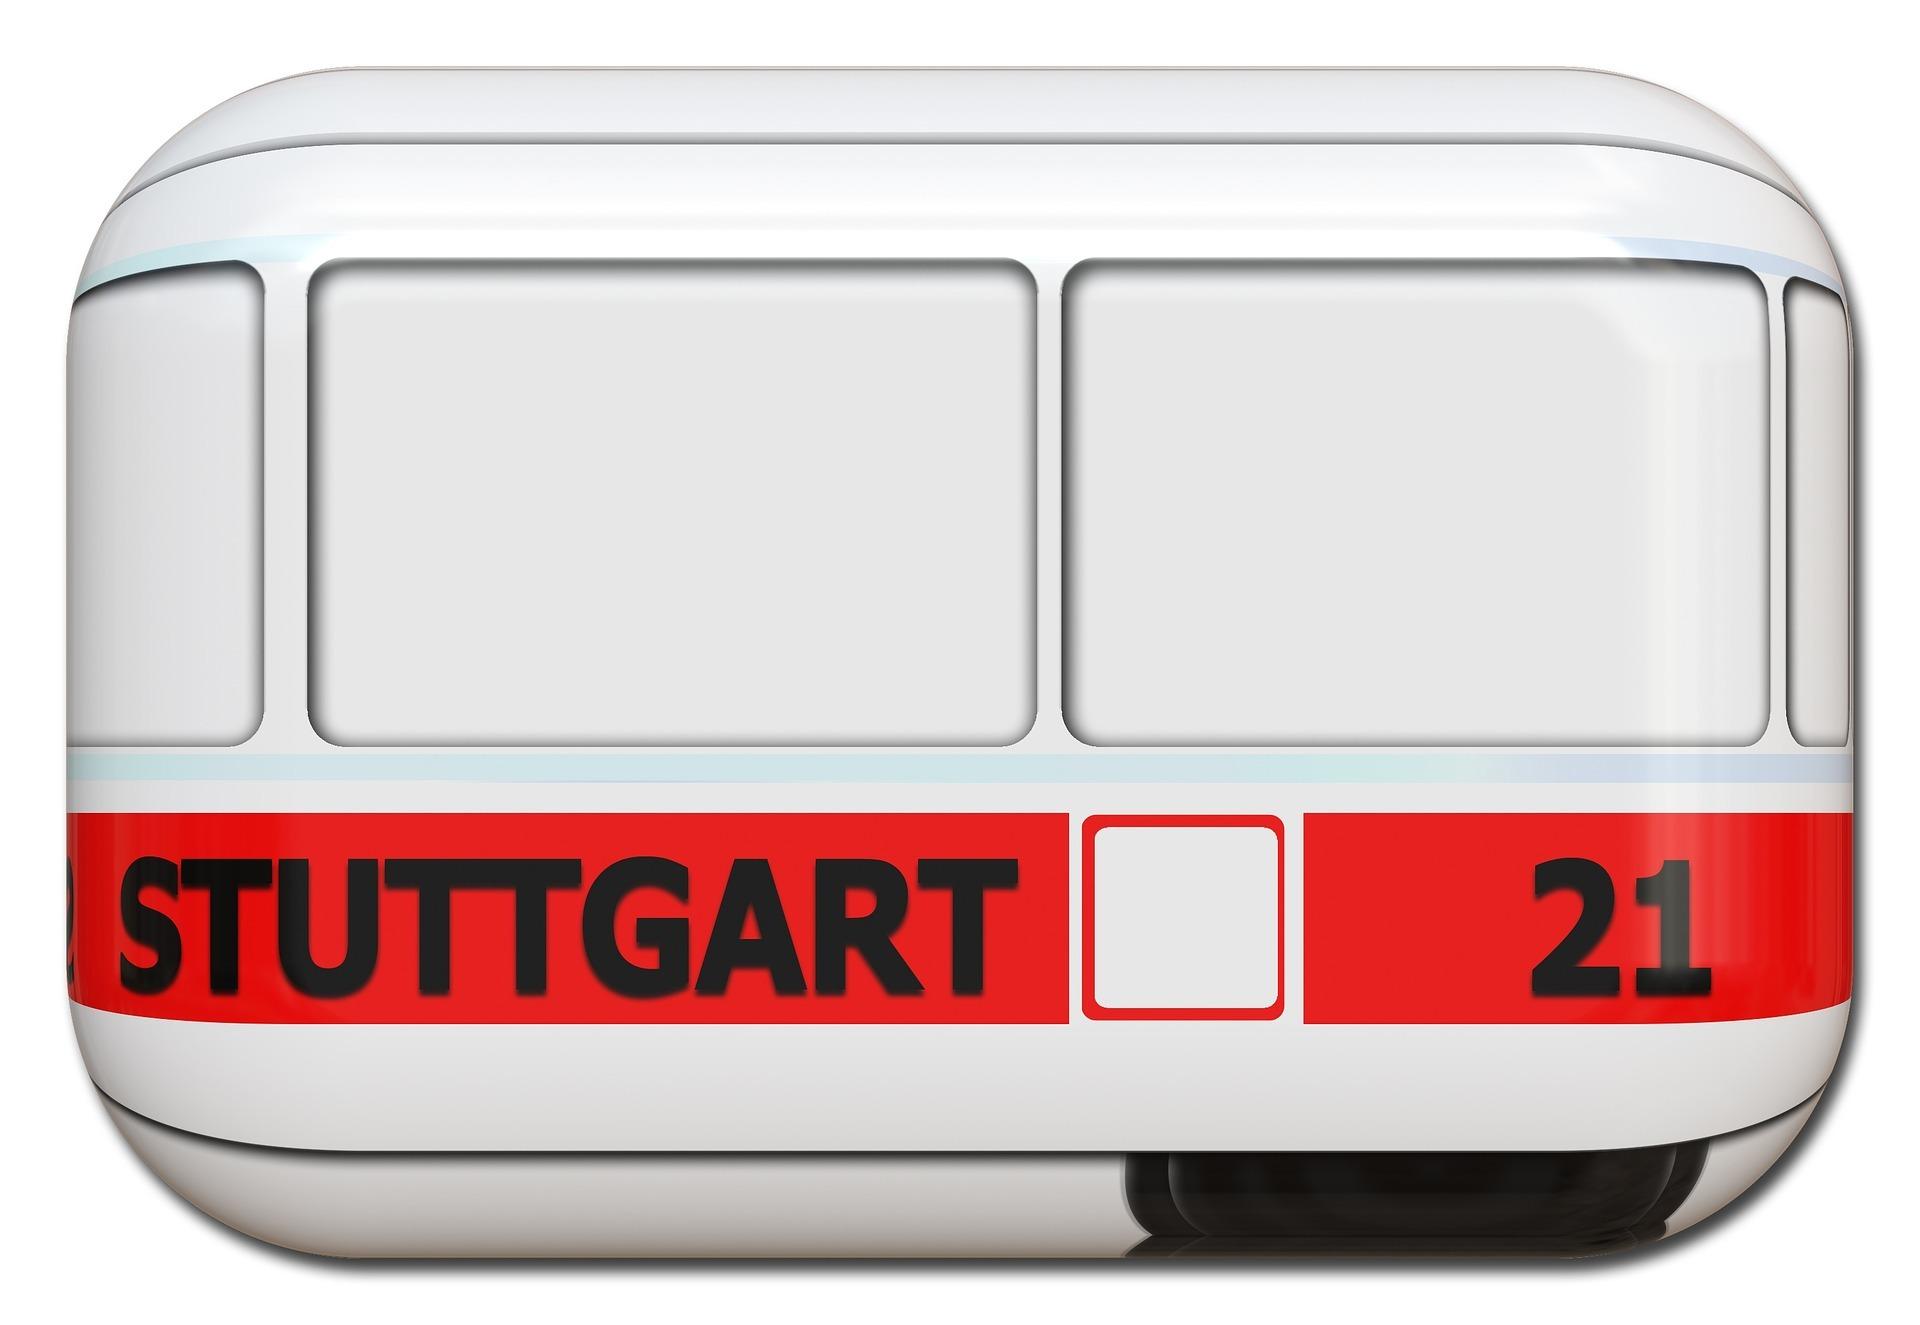 Ausschreitungen bei Stuttgart 21 – geht's eigentlich noch? auf mond-blog.de